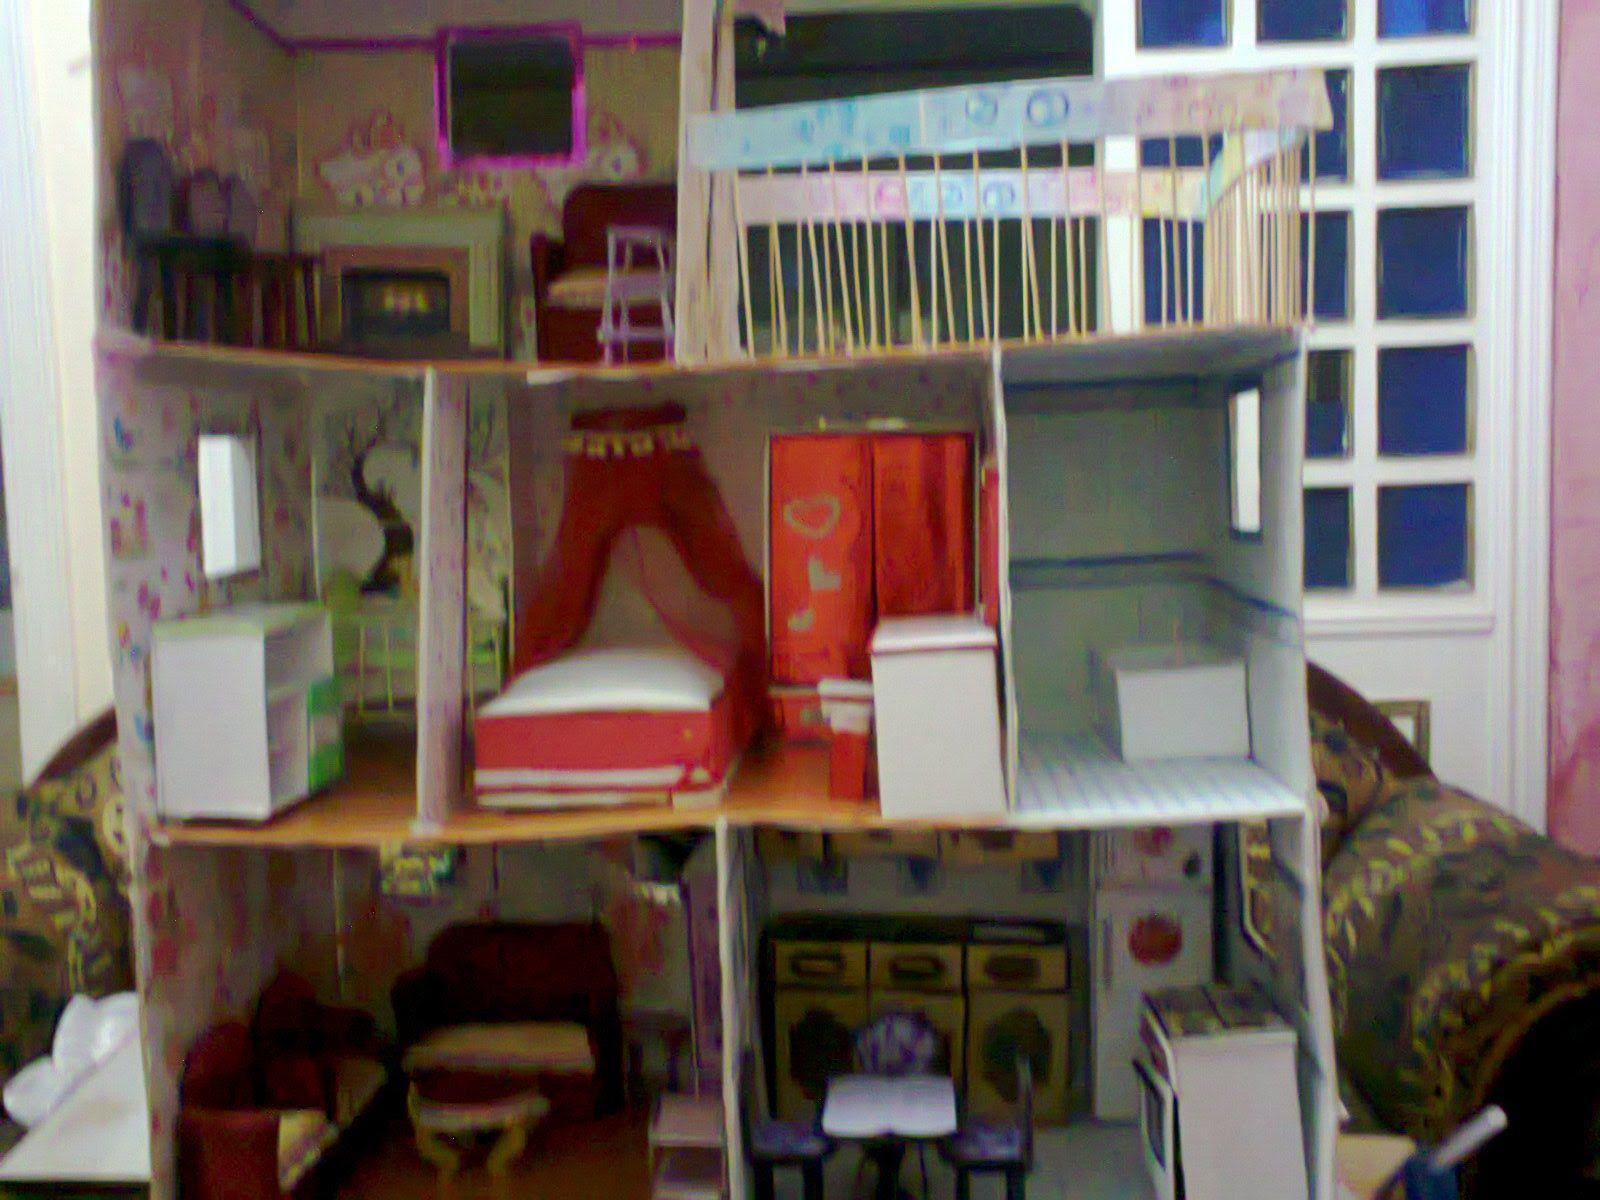 كيف تصنع بيت الدميه باربى من الكرتون Corner Bookcase Home Decor Loft Bed